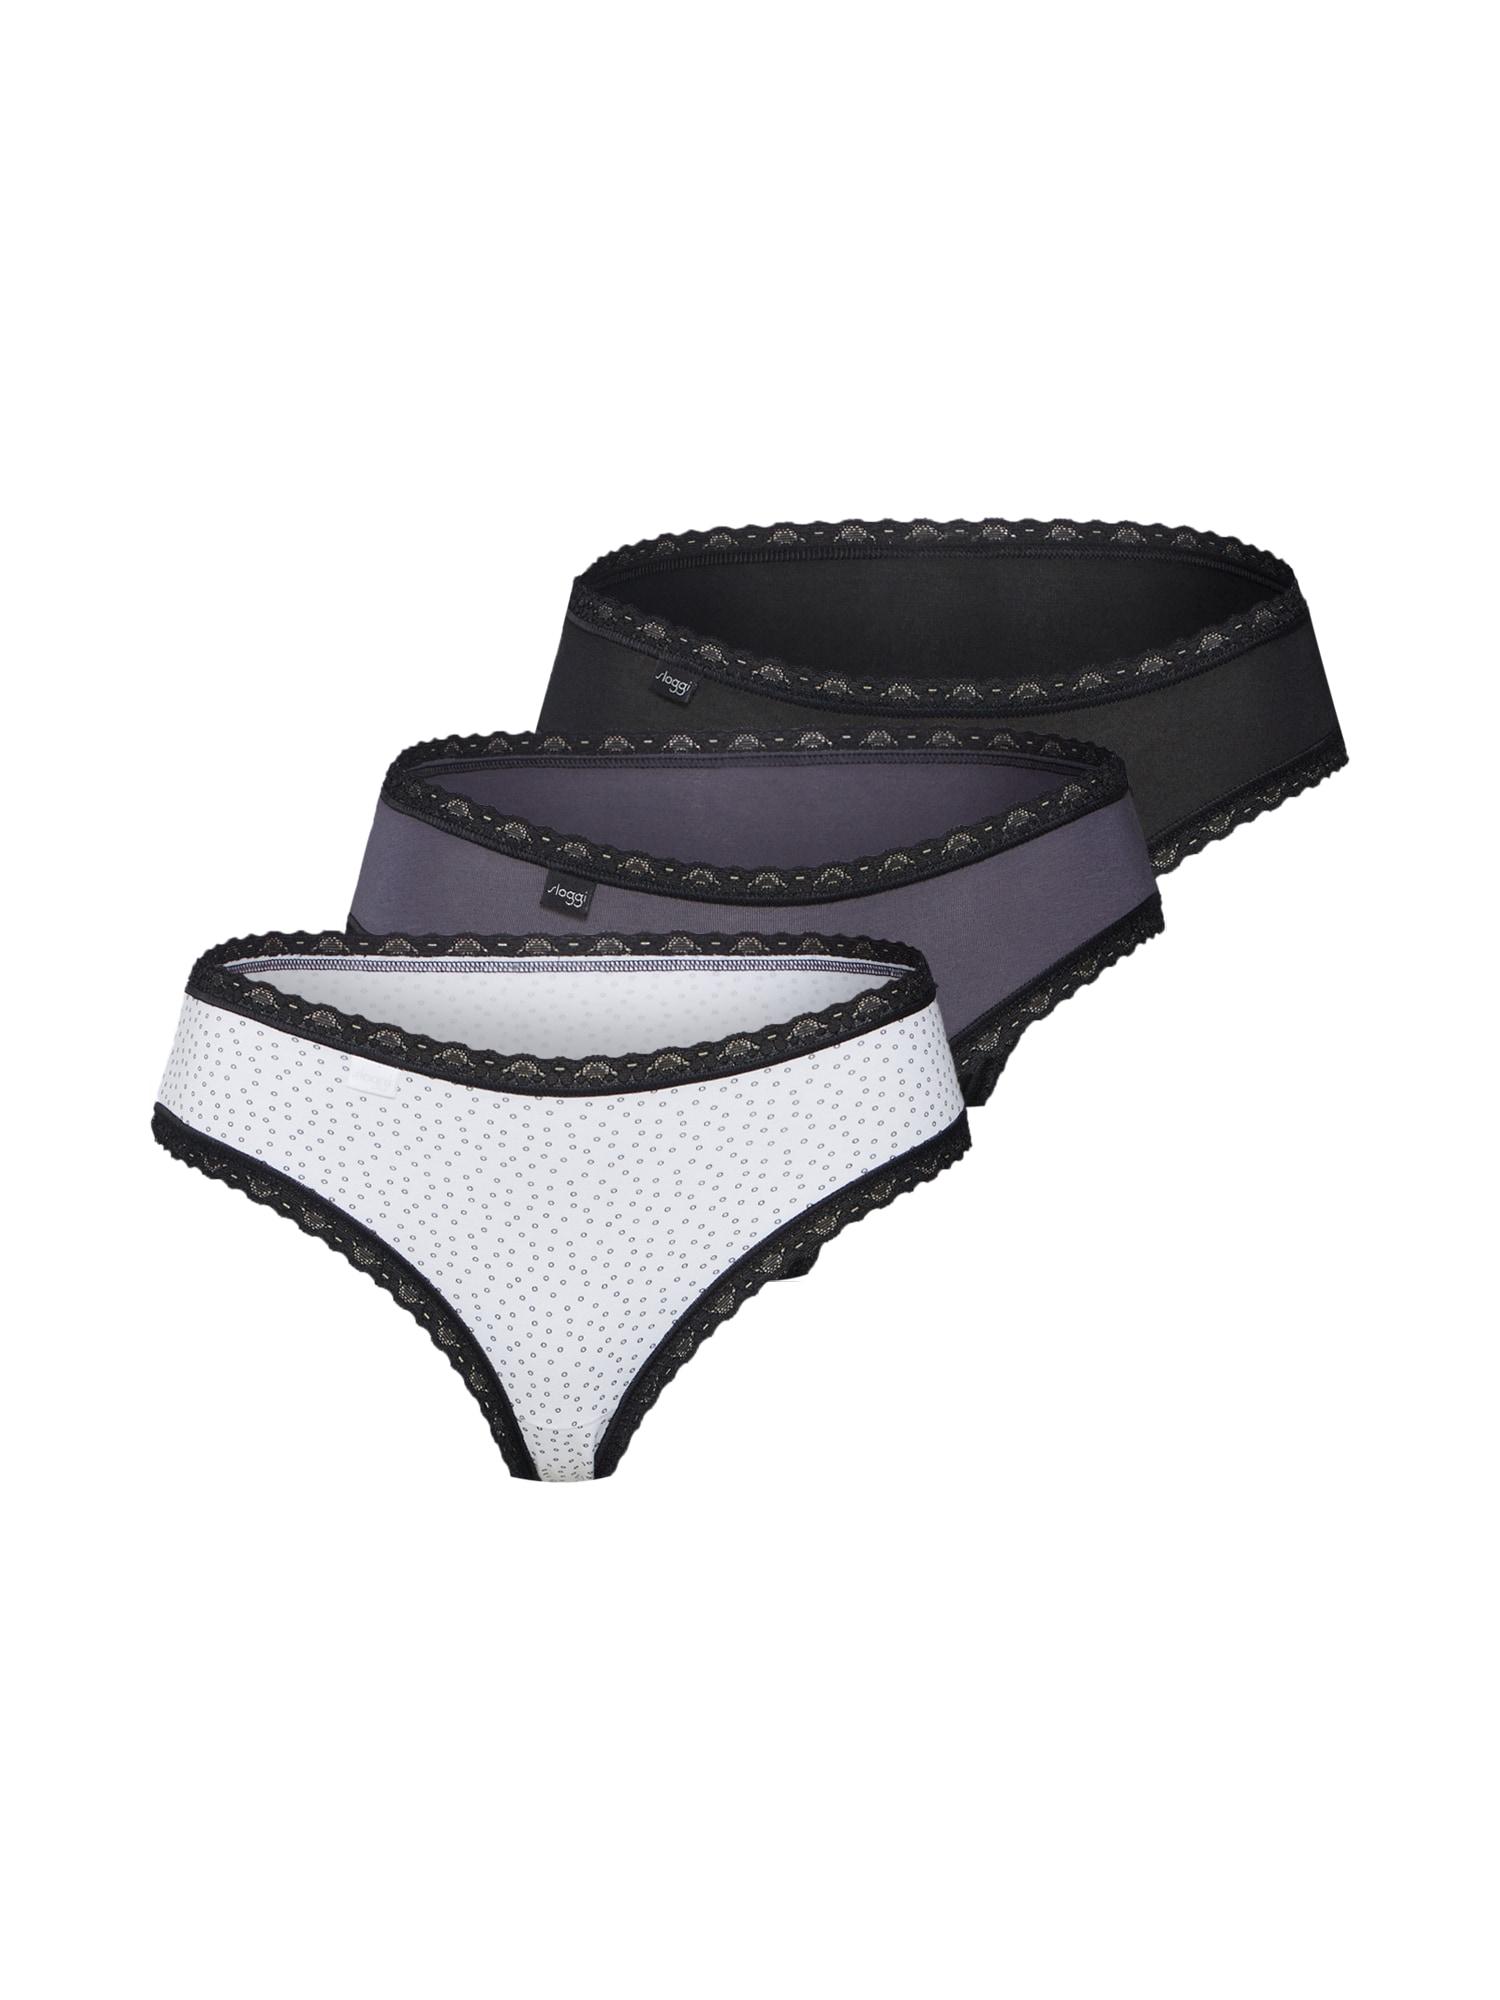 SLOGGI Nohavičky  biela / sivá / čierna